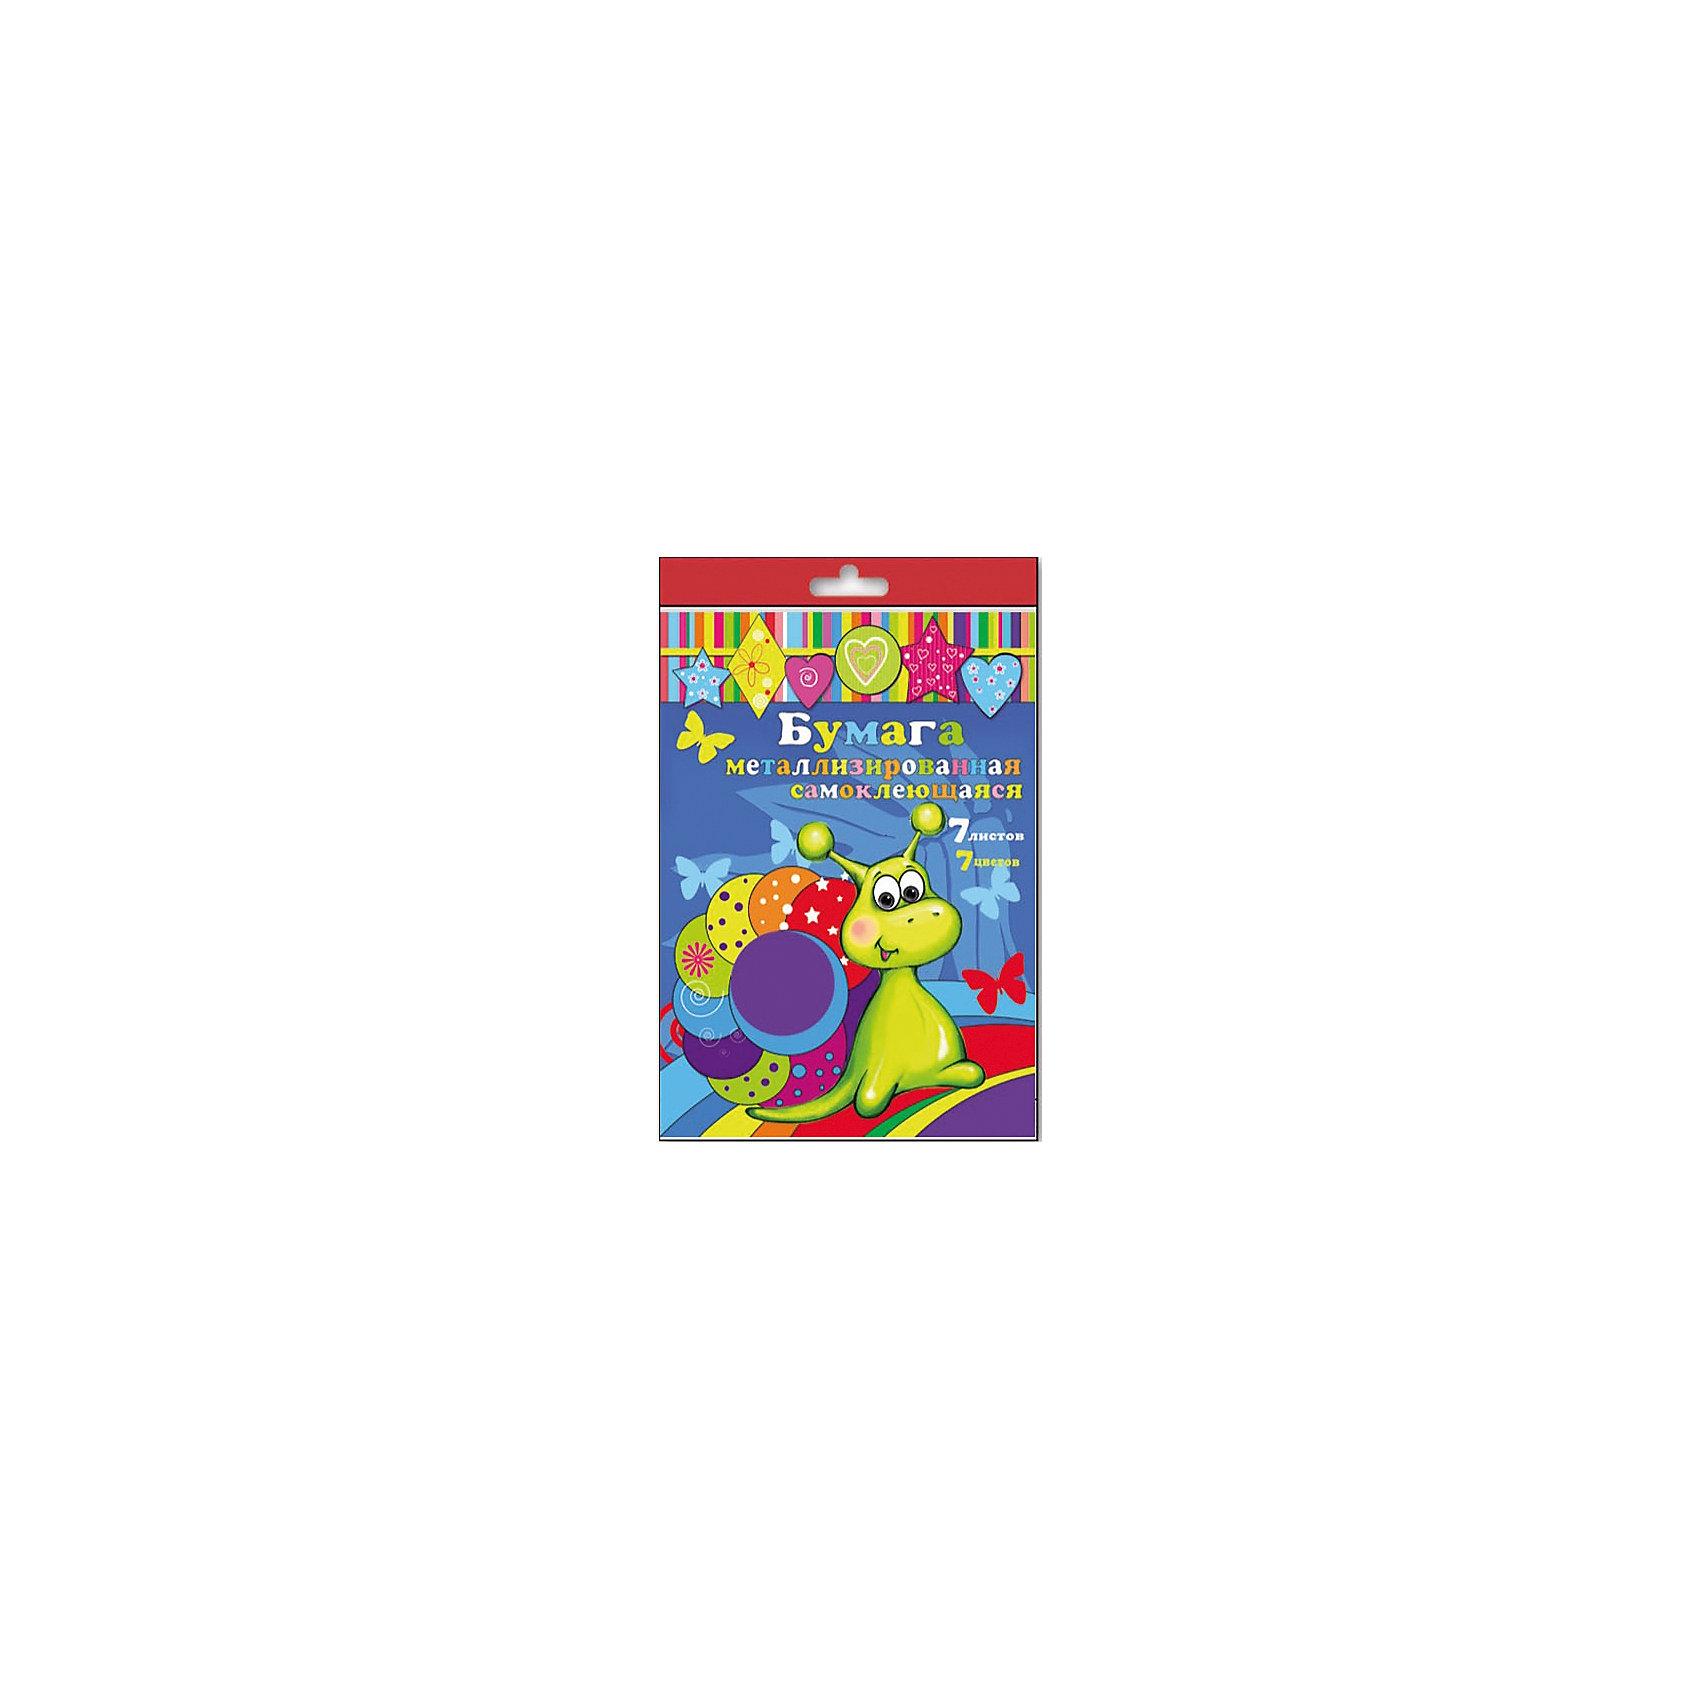 Бумага металлизированная самоклеящаяся, 7 листовЯрка металлизированная самоклеющаяся бумага обязательно пригодится на уроке труда!<br><br>Дополнительная информация:<br><br>- Возраст: от 3 лет.<br>- 7 листов.<br>- Цвет: синий, серебряный, фиолетовый, красный, зеленый, желтый, малиновый.<br>- Материал: картон.<br>- Формат: А4.<br>- Размер упаковки: 35х22х0,3 см.<br>- Вес в упаковке: 100 г. <br><br>Купить бумагу металлизированную самоклеющуюся, можно в нашем магазине.<br><br>Ширина мм: 350<br>Глубина мм: 220<br>Высота мм: 3<br>Вес г: 100<br>Возраст от месяцев: 36<br>Возраст до месяцев: 2147483647<br>Пол: Унисекс<br>Возраст: Детский<br>SKU: 4943459